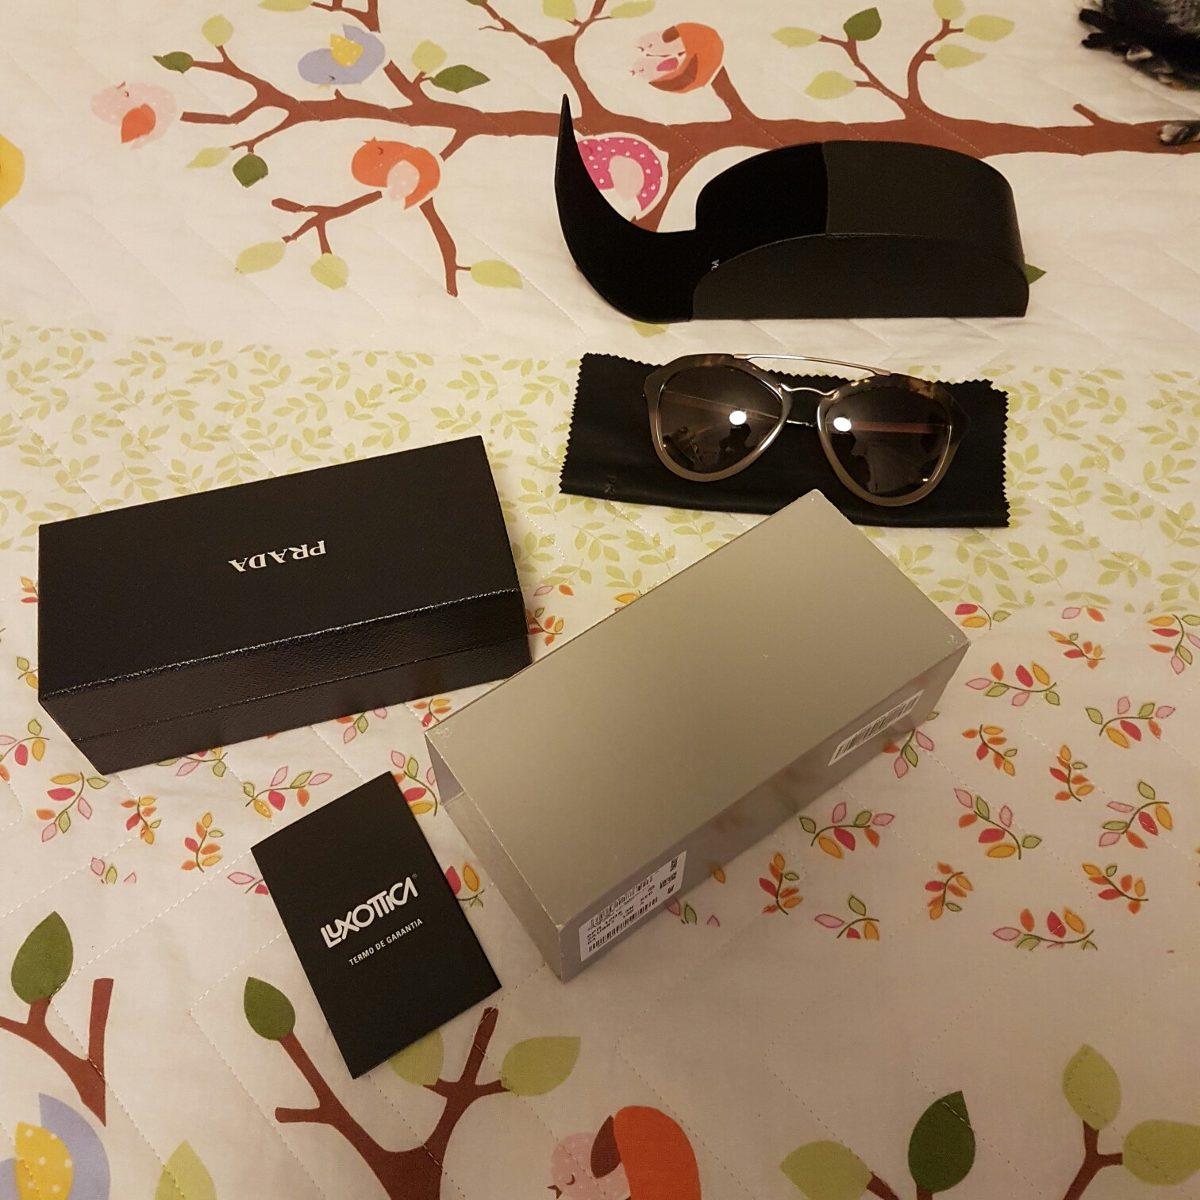 Óculos Prada Novo Na Caixa Com Nota Fiscal - R  780,00 em Mercado Livre 882fc39875